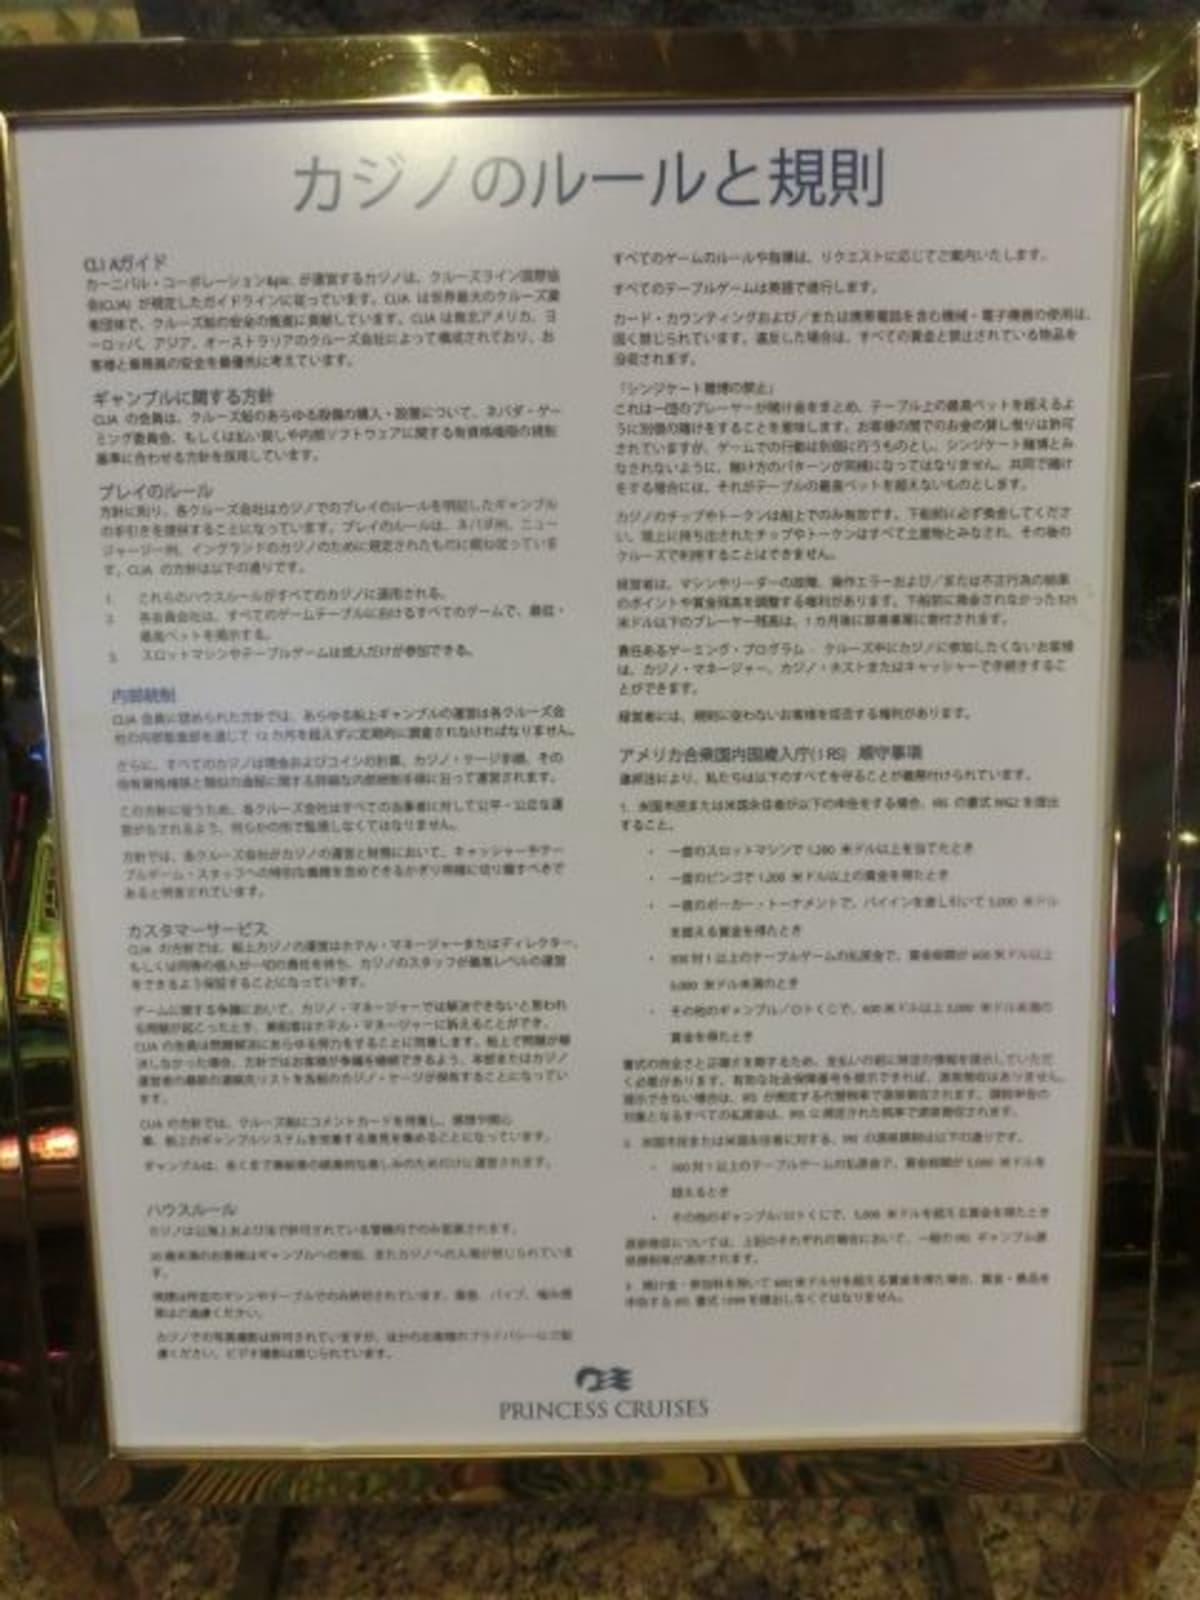 カジノの運営は、CLIA(クルーズライン国際協会)のガイドラインに従っているとか、ルールについてとか、基本的な方針が日本語で掲示されてました。カジノとしては珍しく、写真撮影OK(動画はOUT)ということも書かれてます。 | 客船ダイヤモンド・プリンセスの船内施設